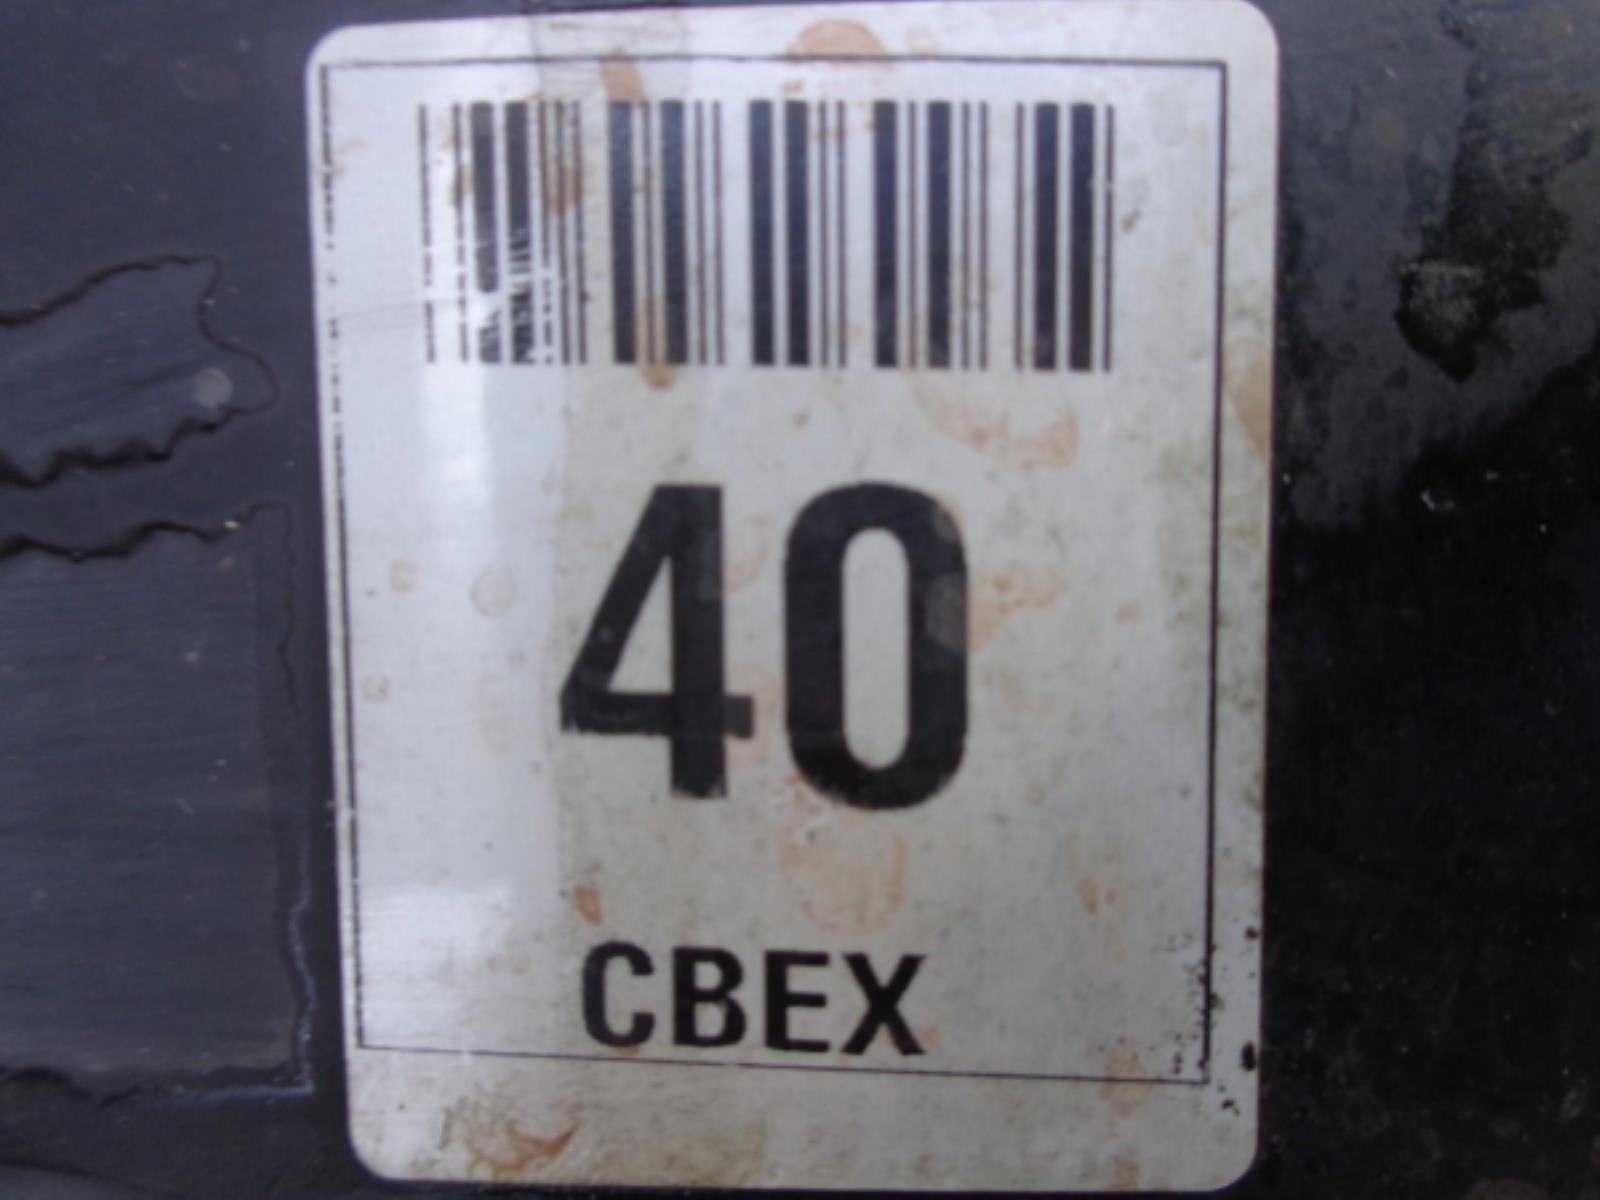 Εικόνα από Σεβρό  KIA SPORTAGE (2004-2009)  40 CBEX